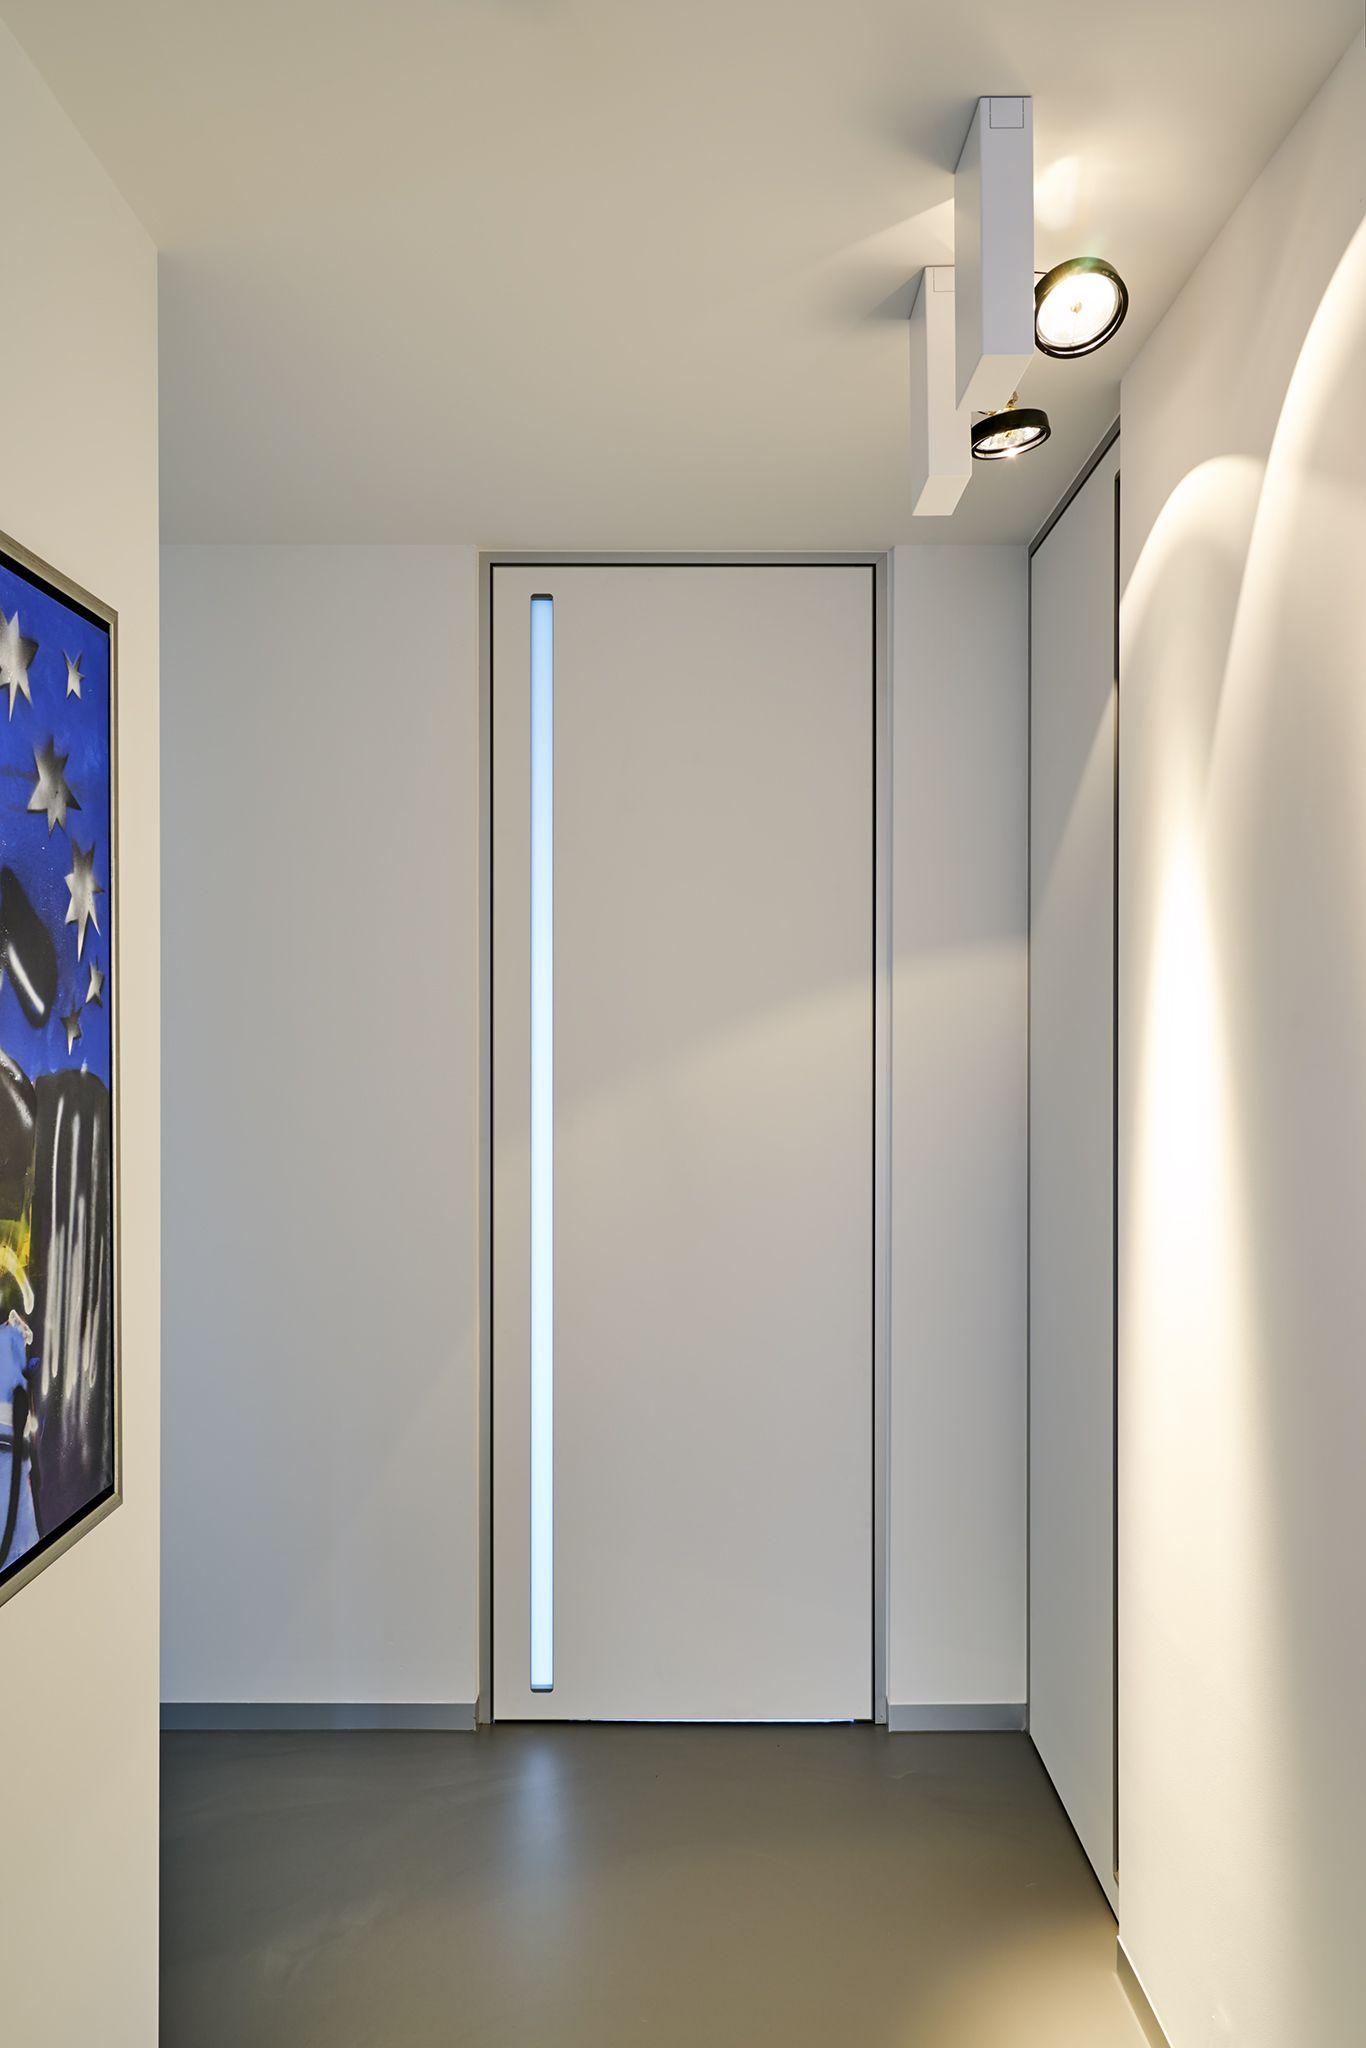 Modern Internal Door From Floor To Ceiling With A Built In Handle Anywaydoors